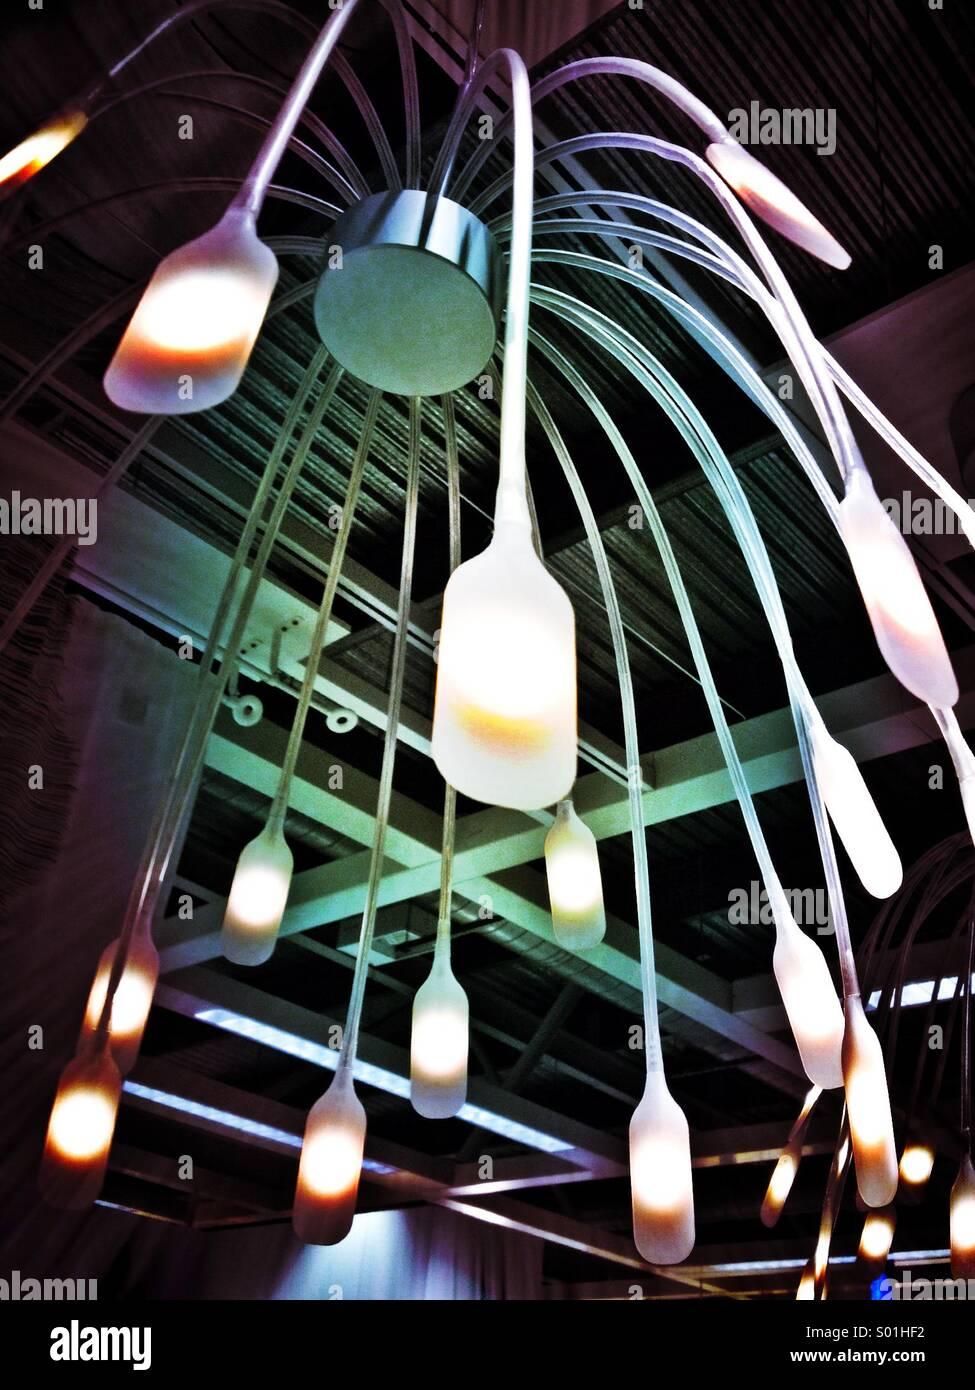 Lighting display - Stock Image